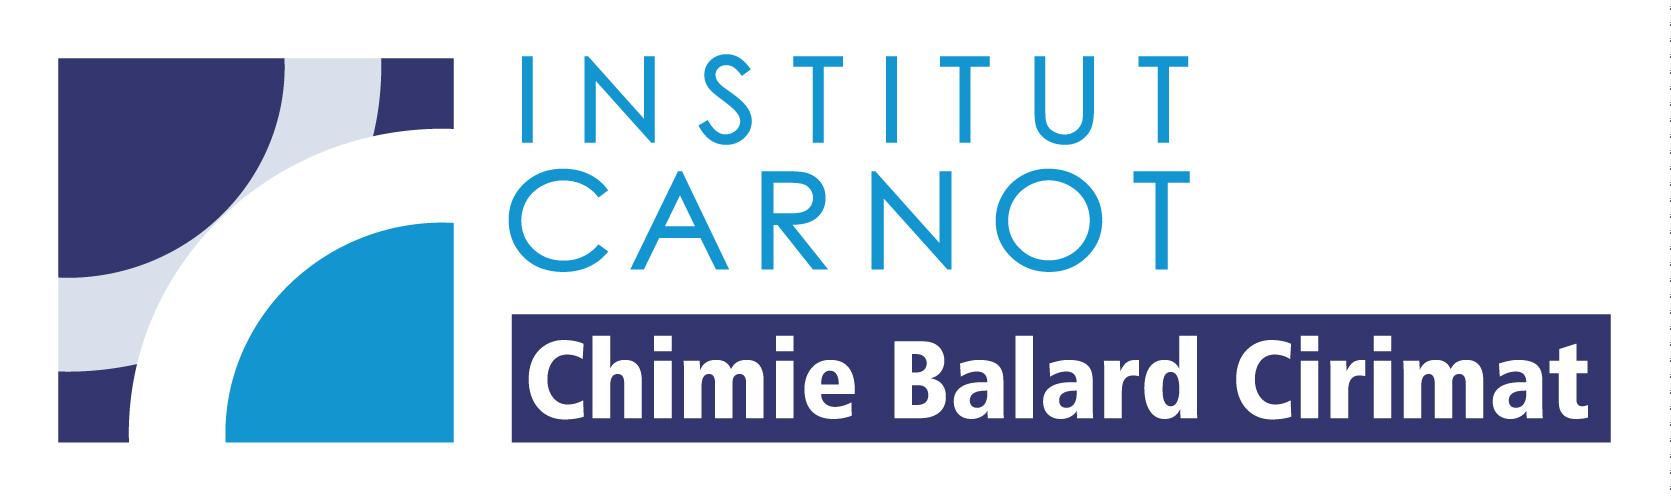 Institut Carnot Chimie Balard Cirimat